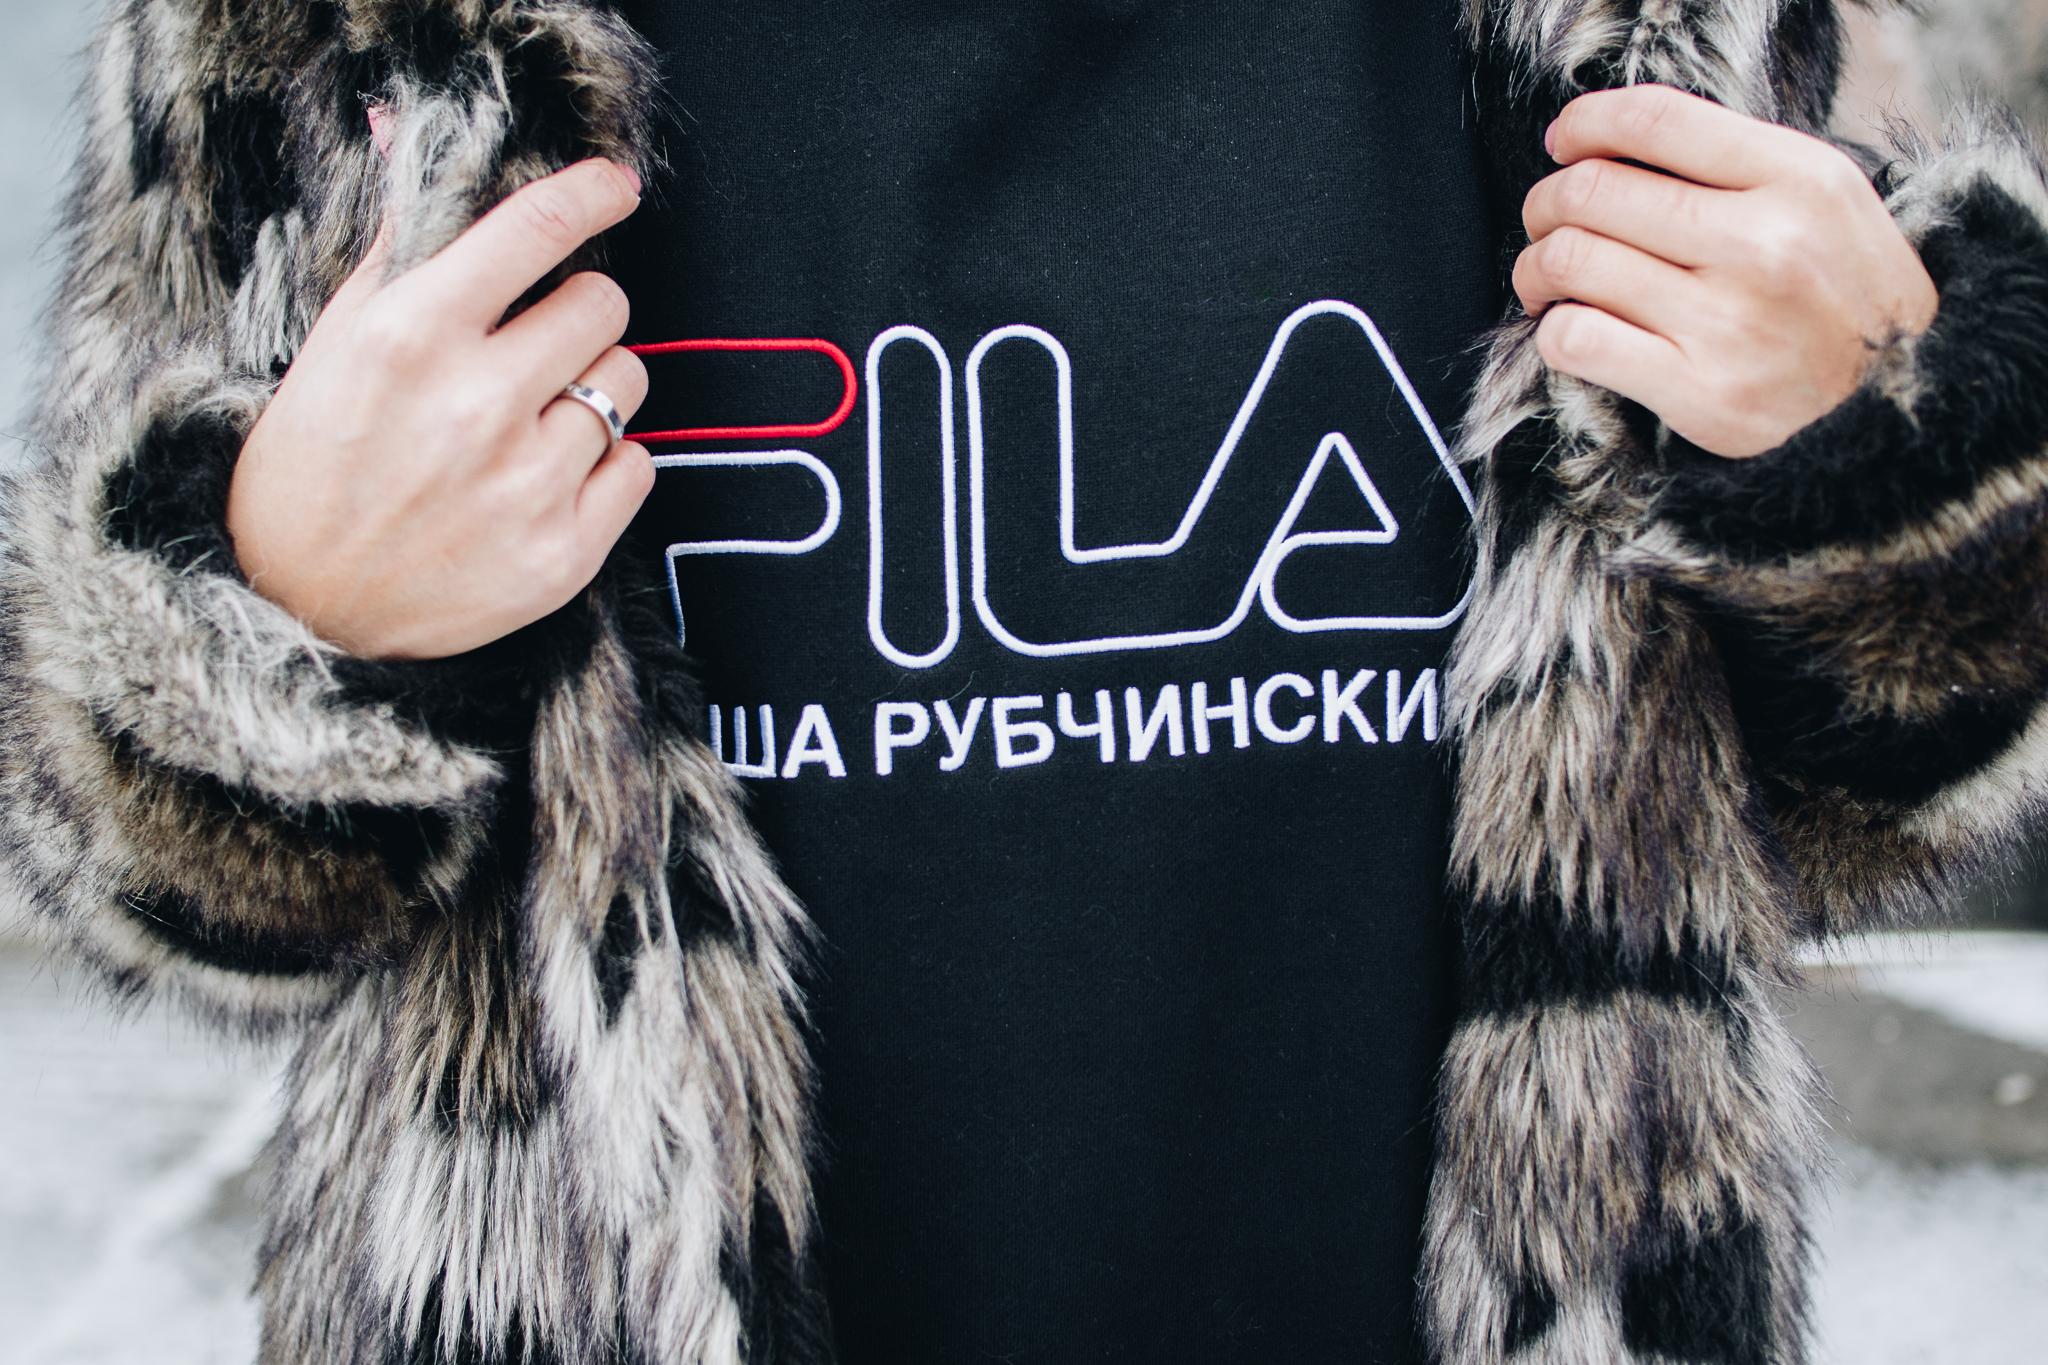 Kriselda-Gosha_Rubchinskiy_x_Fila